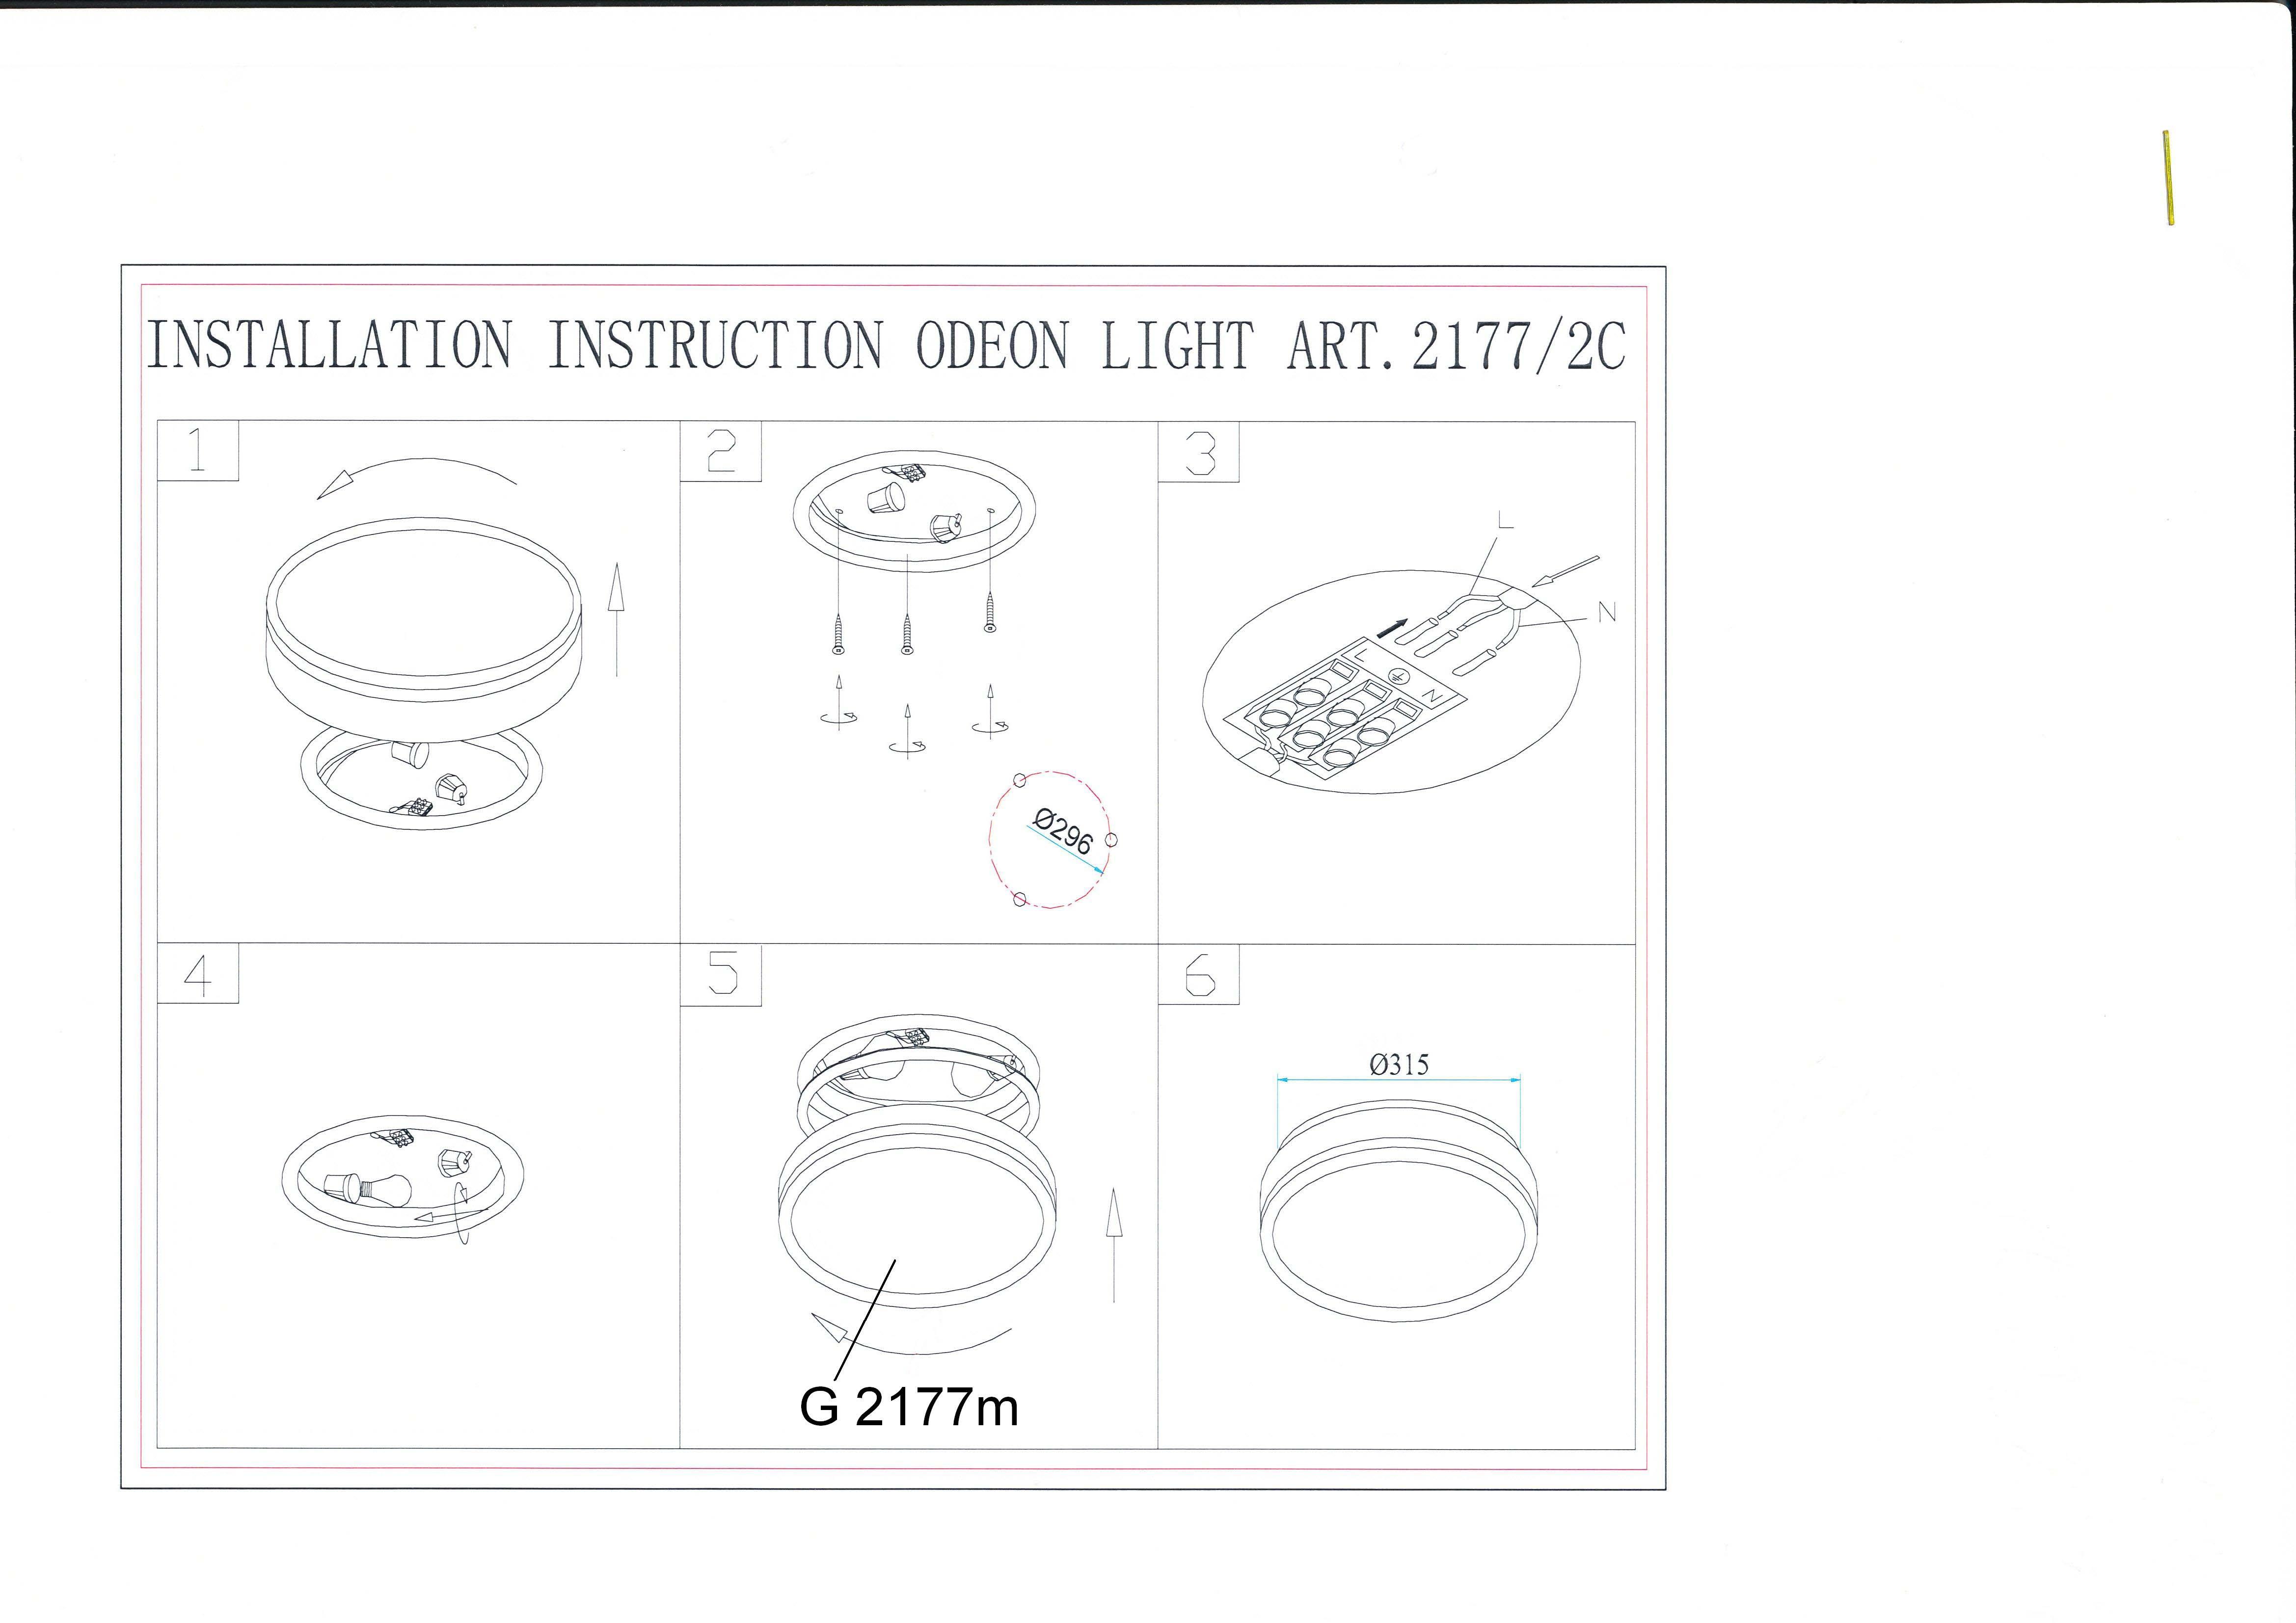 Потолочные светильники 2177/2C Yun Odeon Light